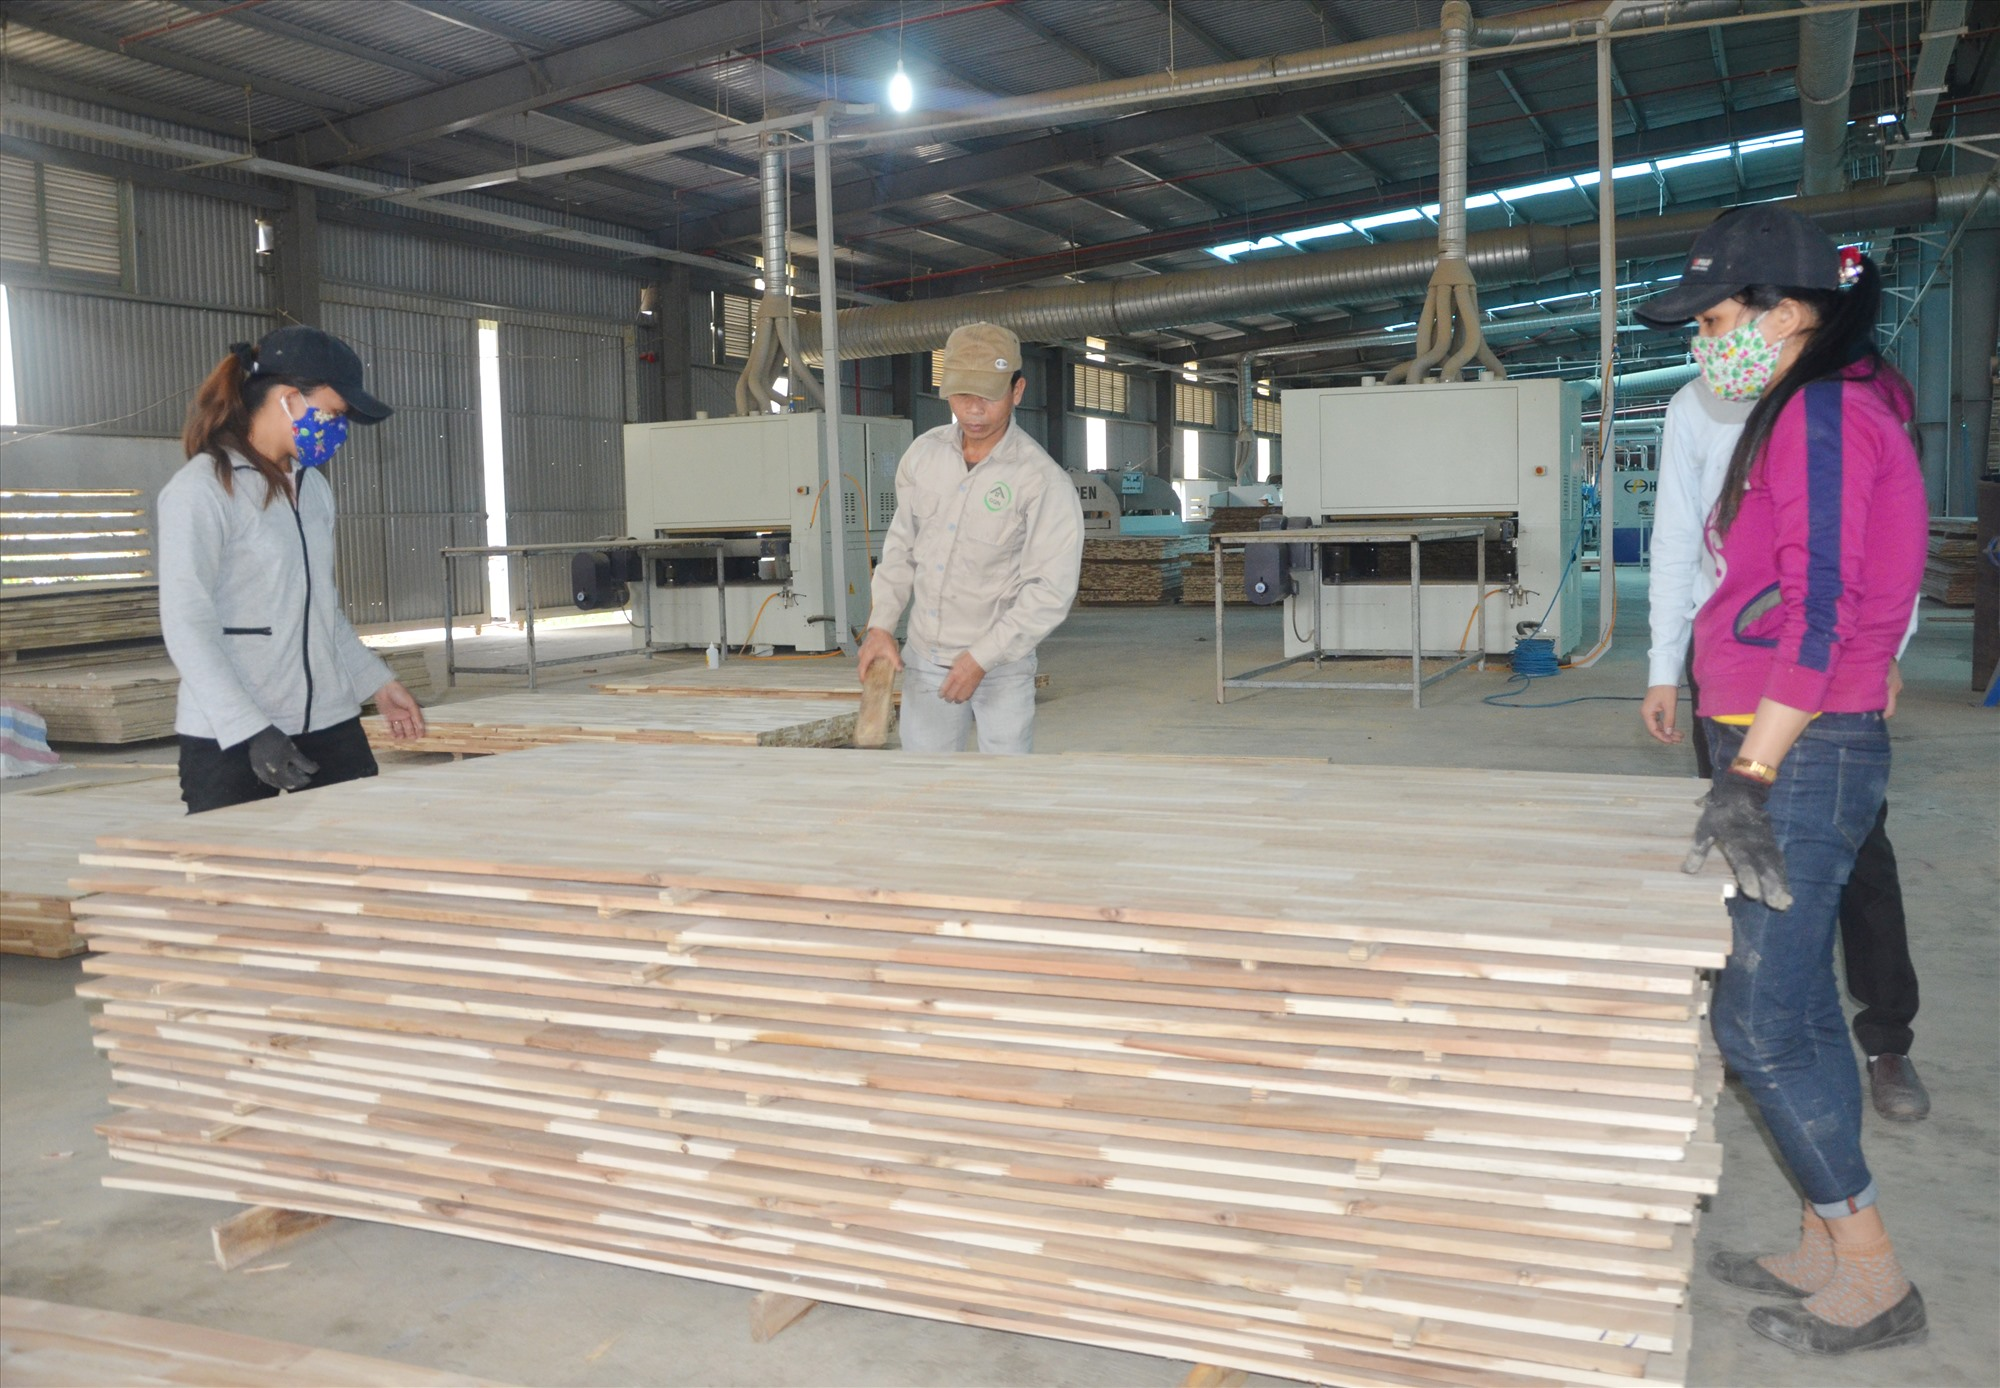 Bị ảnh hưởng của dịch Covid-19, nhưng ngành gỗ và chế biến các sản phẩm đồ gỗ dự kiến năm nay xuất khẩu đạt 12 tỷ USD. TRONG ẢNH: Nhà máy chế gỗ MDF của Công ty CP Gỗ công nghiệp Quảng Nam tại huyện Hiệp Đức. Ảnh: H.P